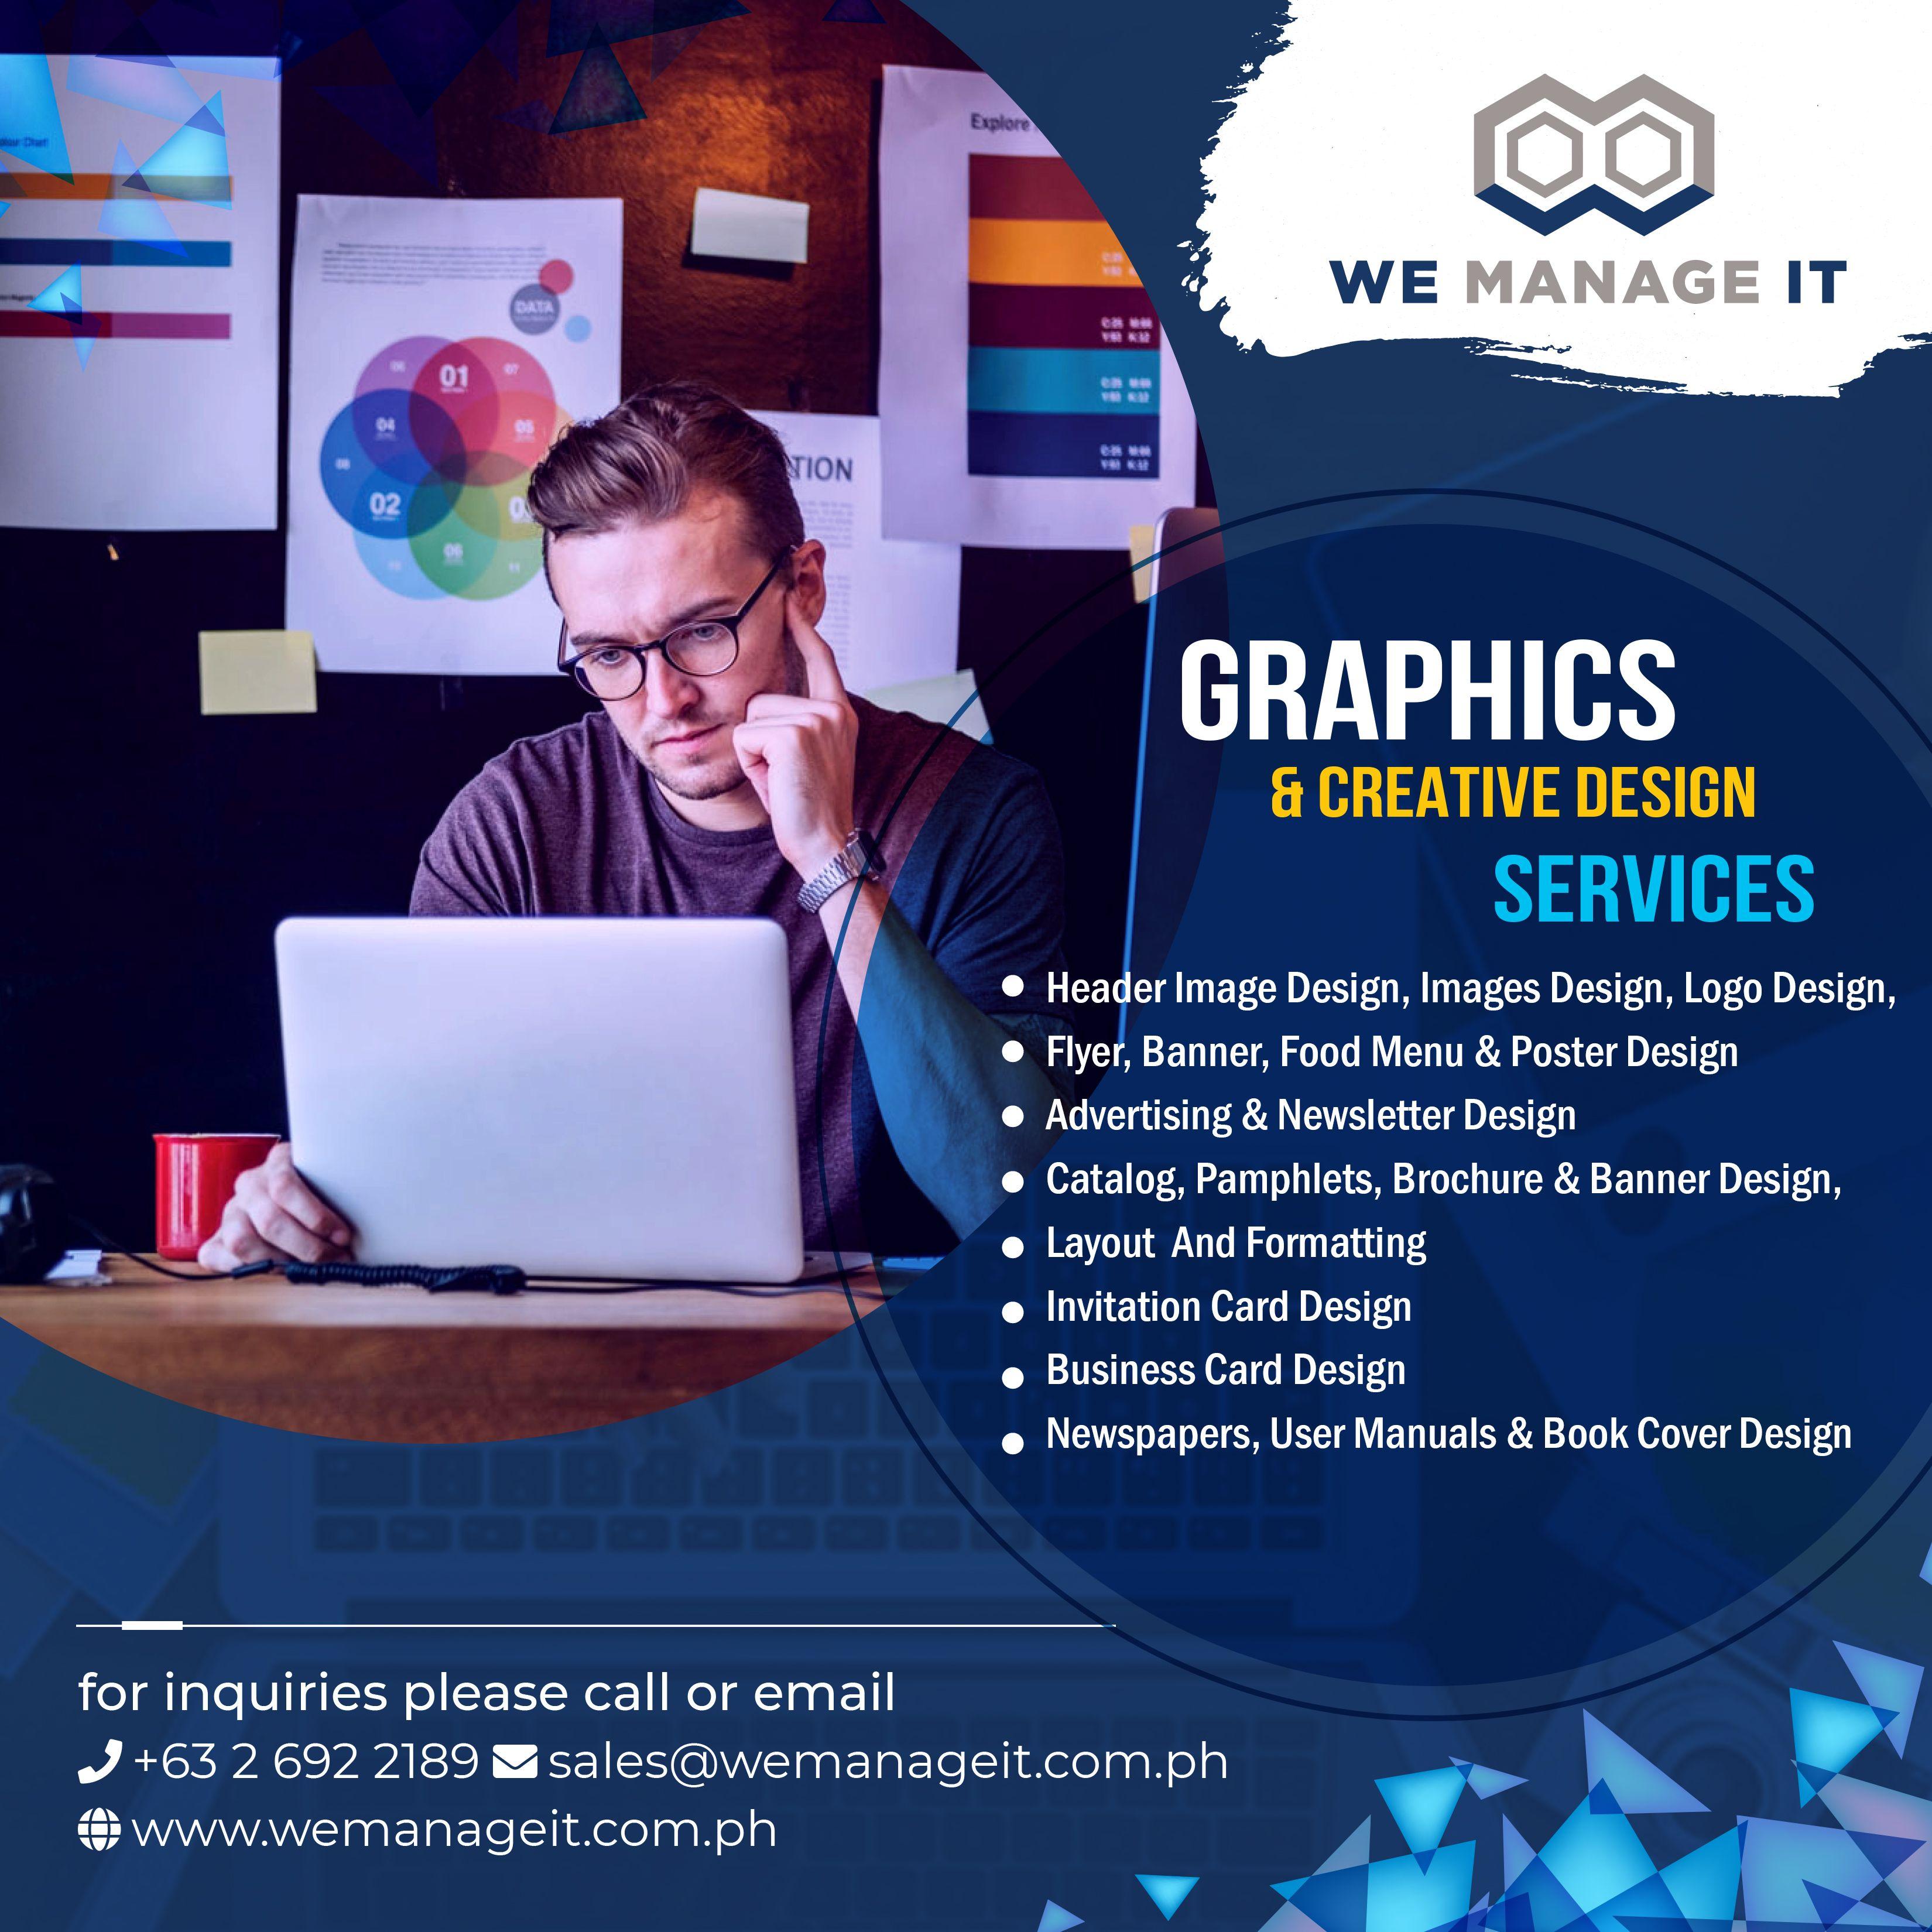 Graphic Design Services Philippines Graphic Design Services Service Design Creative Web Design